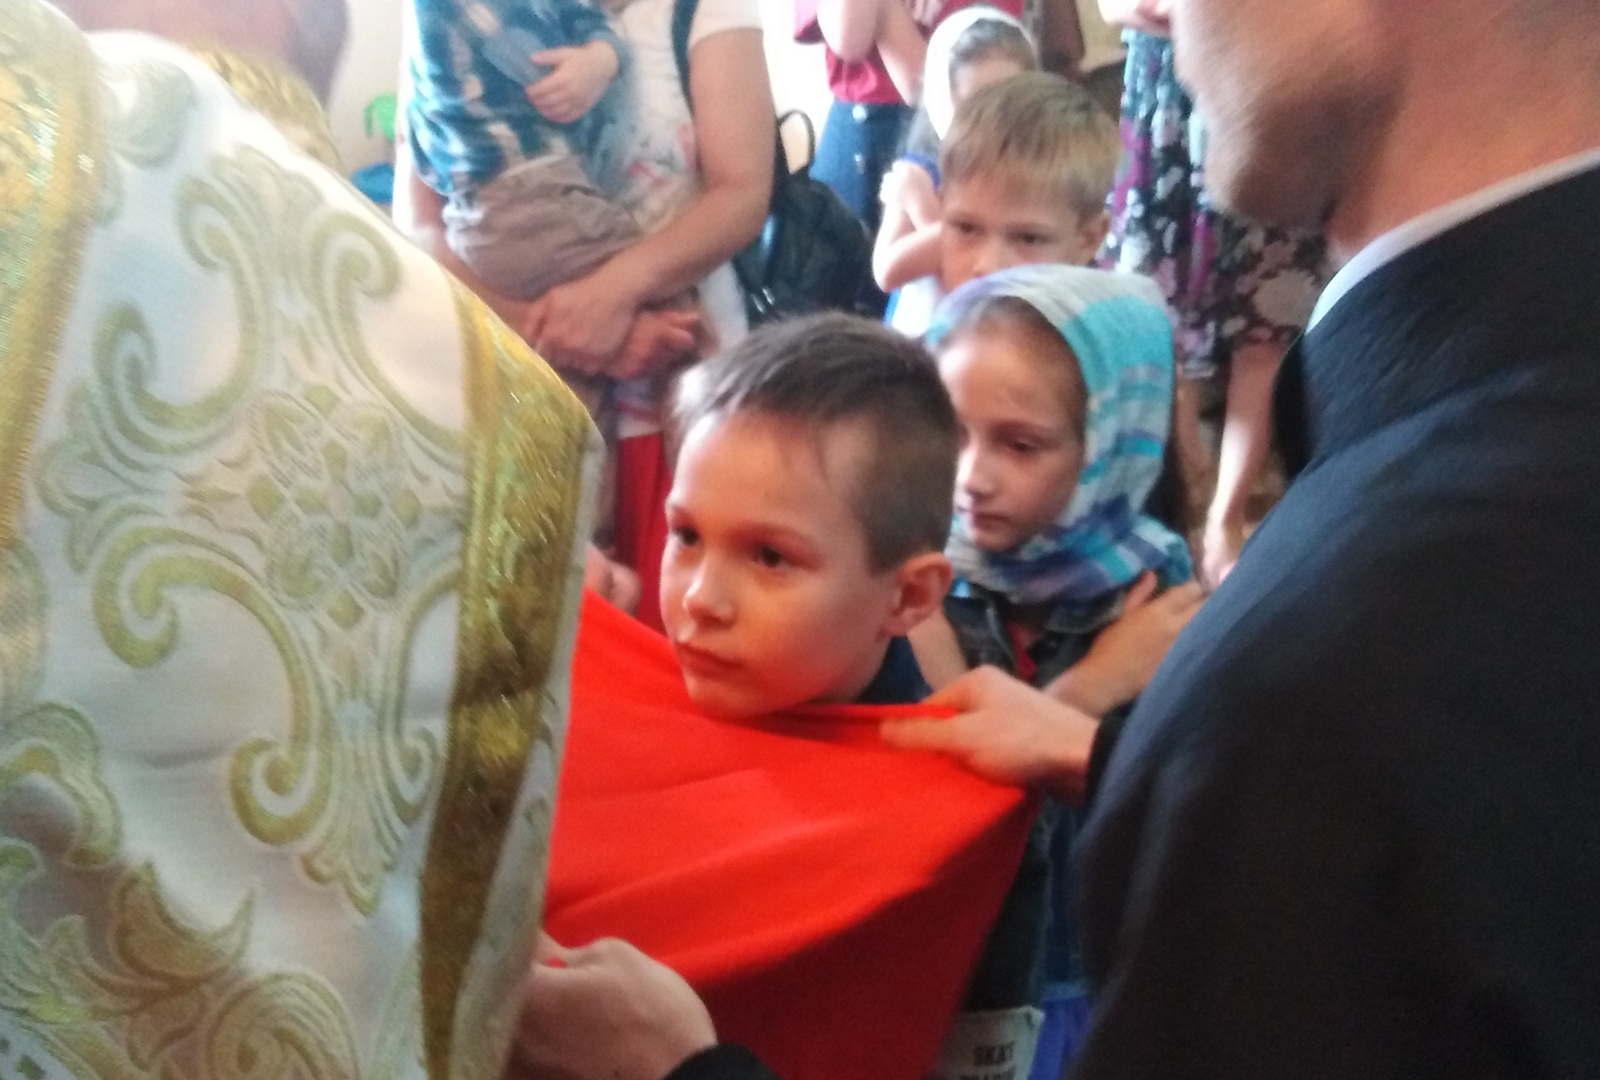 Preobrazhenie-Lugansk_19-08-2019_24